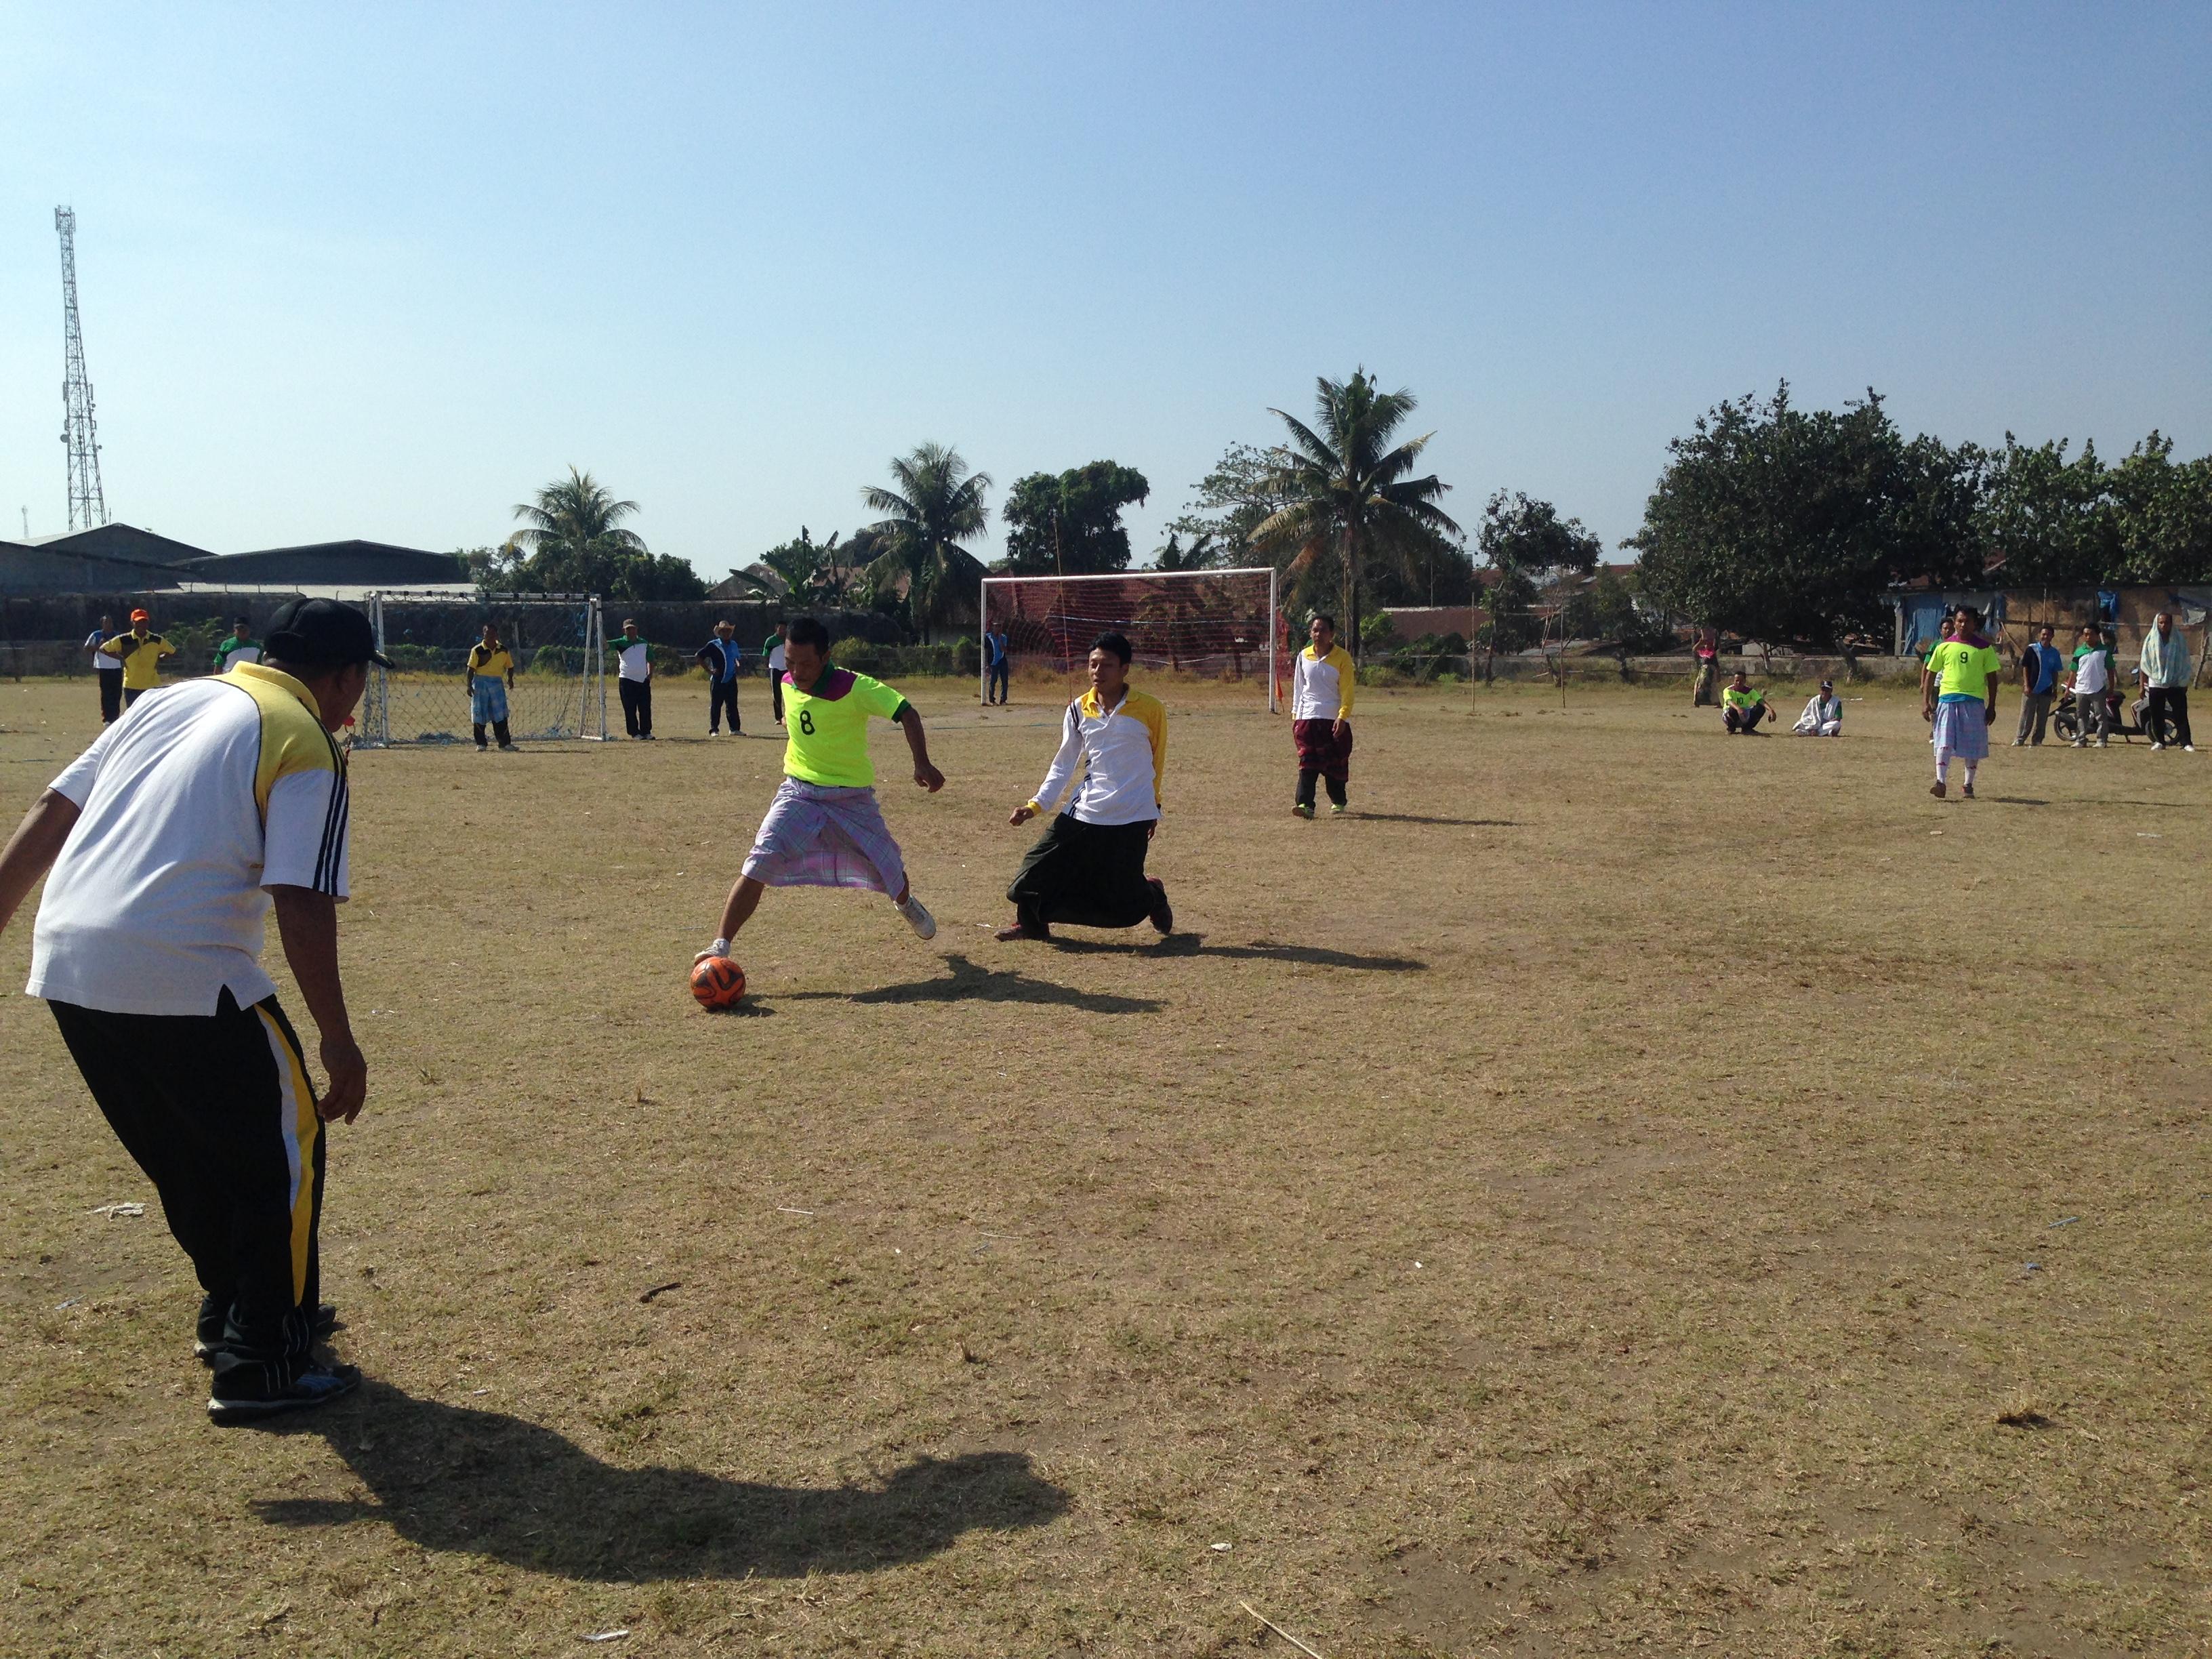 Pemerintah Kabupaten Lombok Tengah Pemenang Lomba Tarik Tambang Sepak Bola